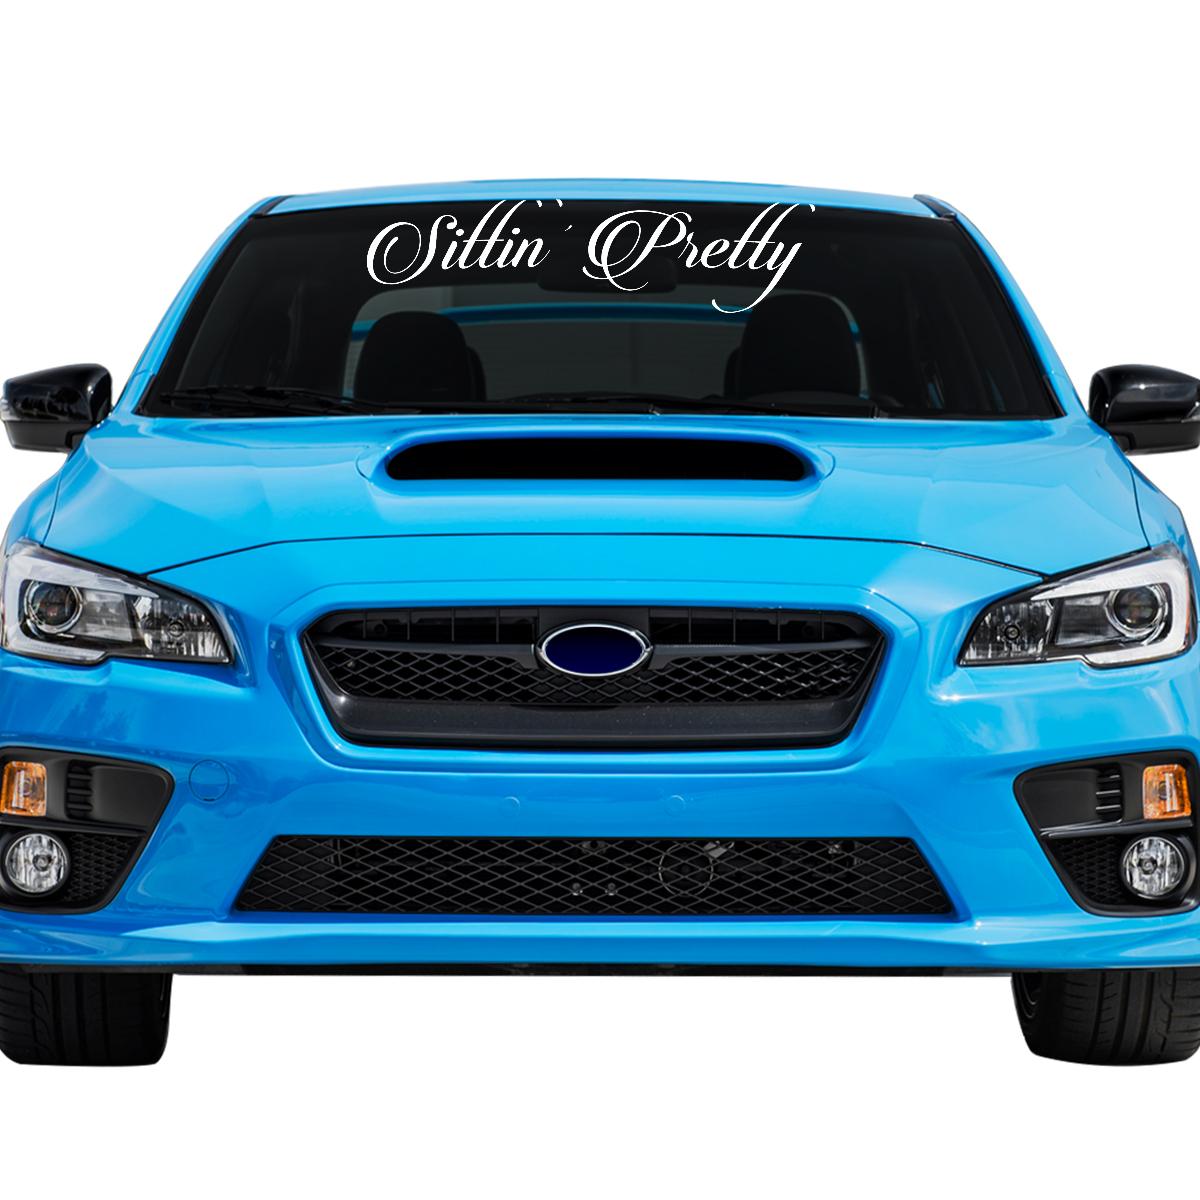 Sittin\' Pretty Car Windshield Banner Decal Sticker - 6\